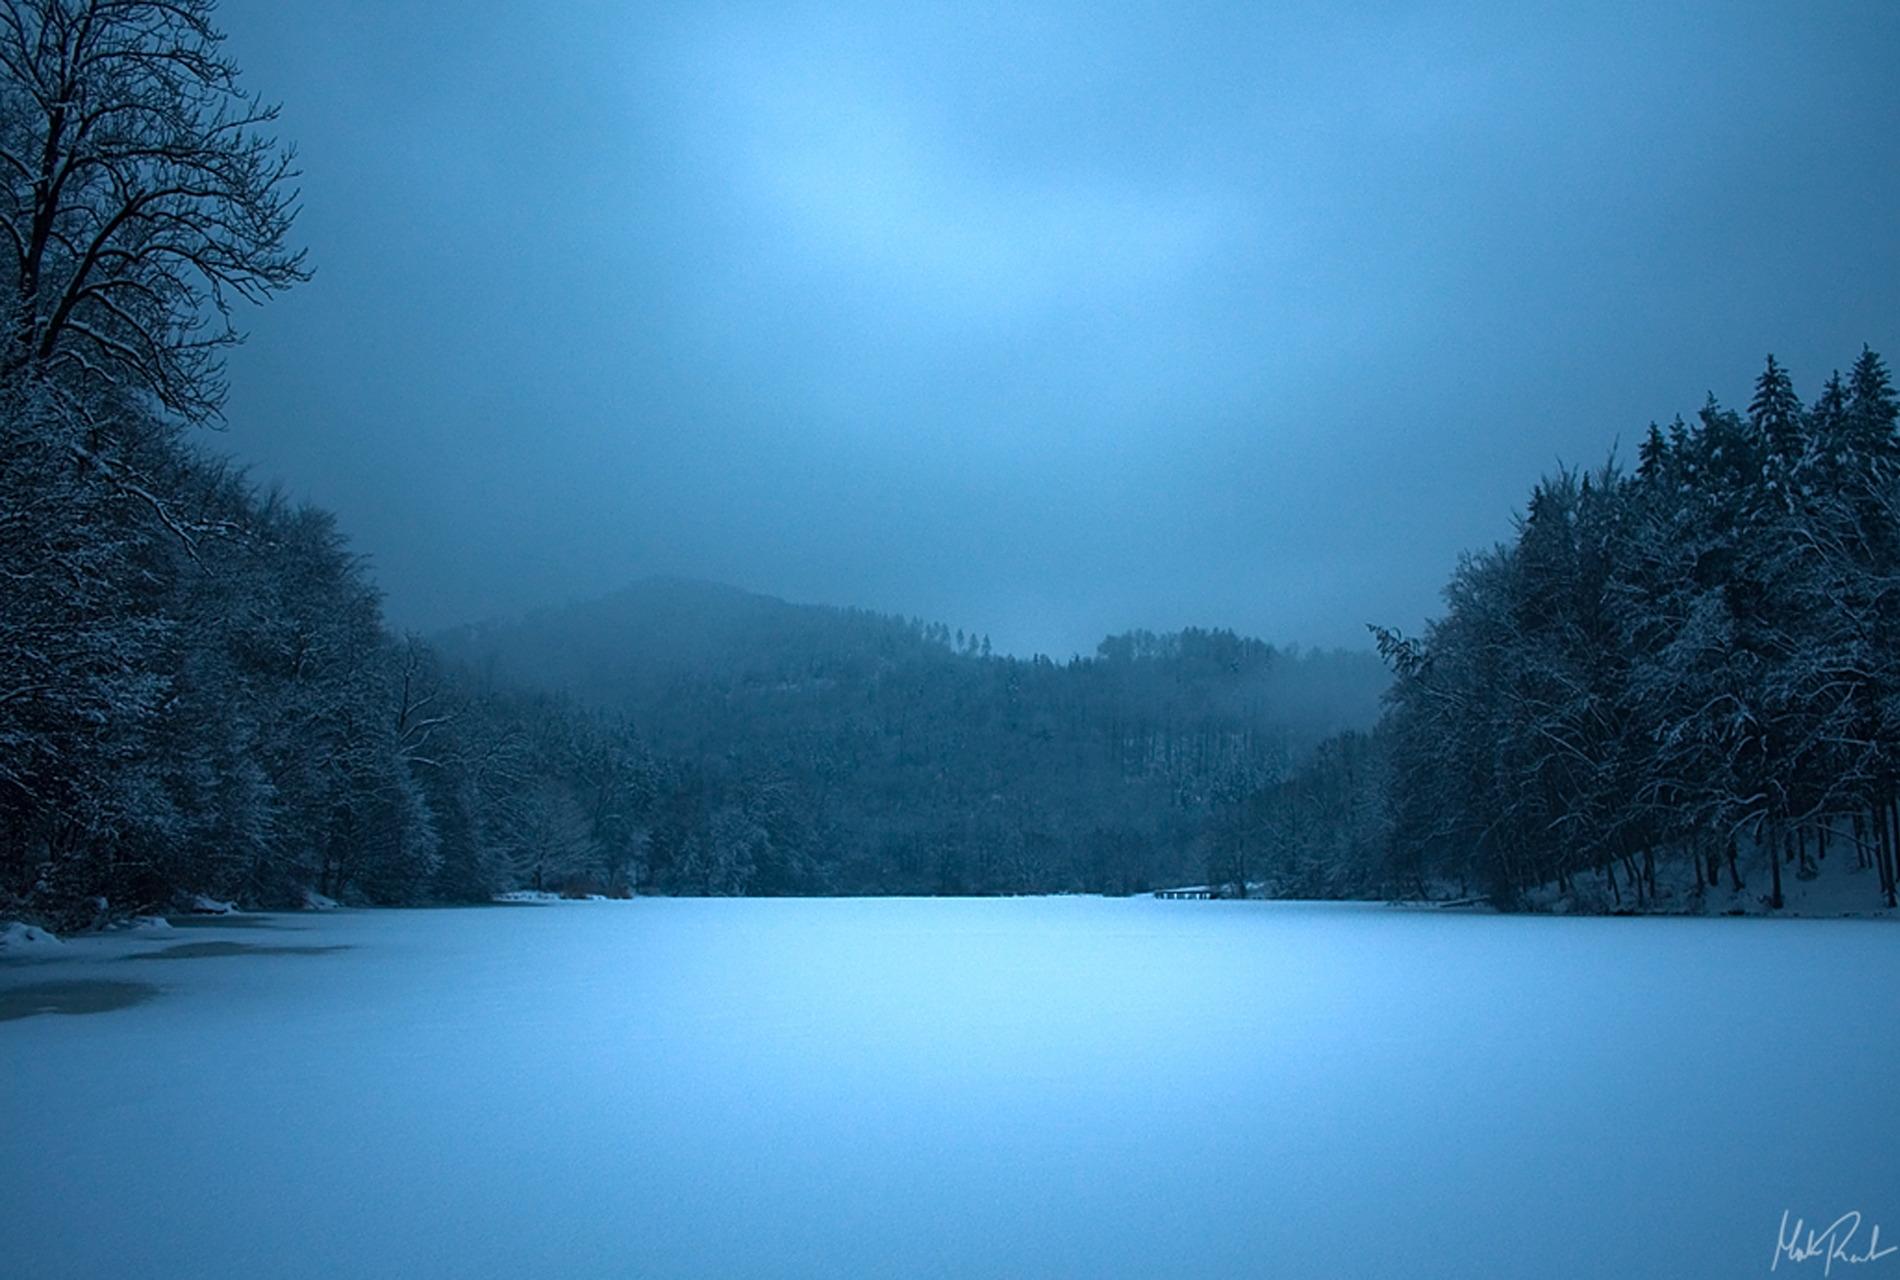 74015 Заставки и Обои Лед на телефон. Скачать Лед, Природа, Ночь, Озеро, Поверхность, Голубой, Замерзшее картинки бесплатно